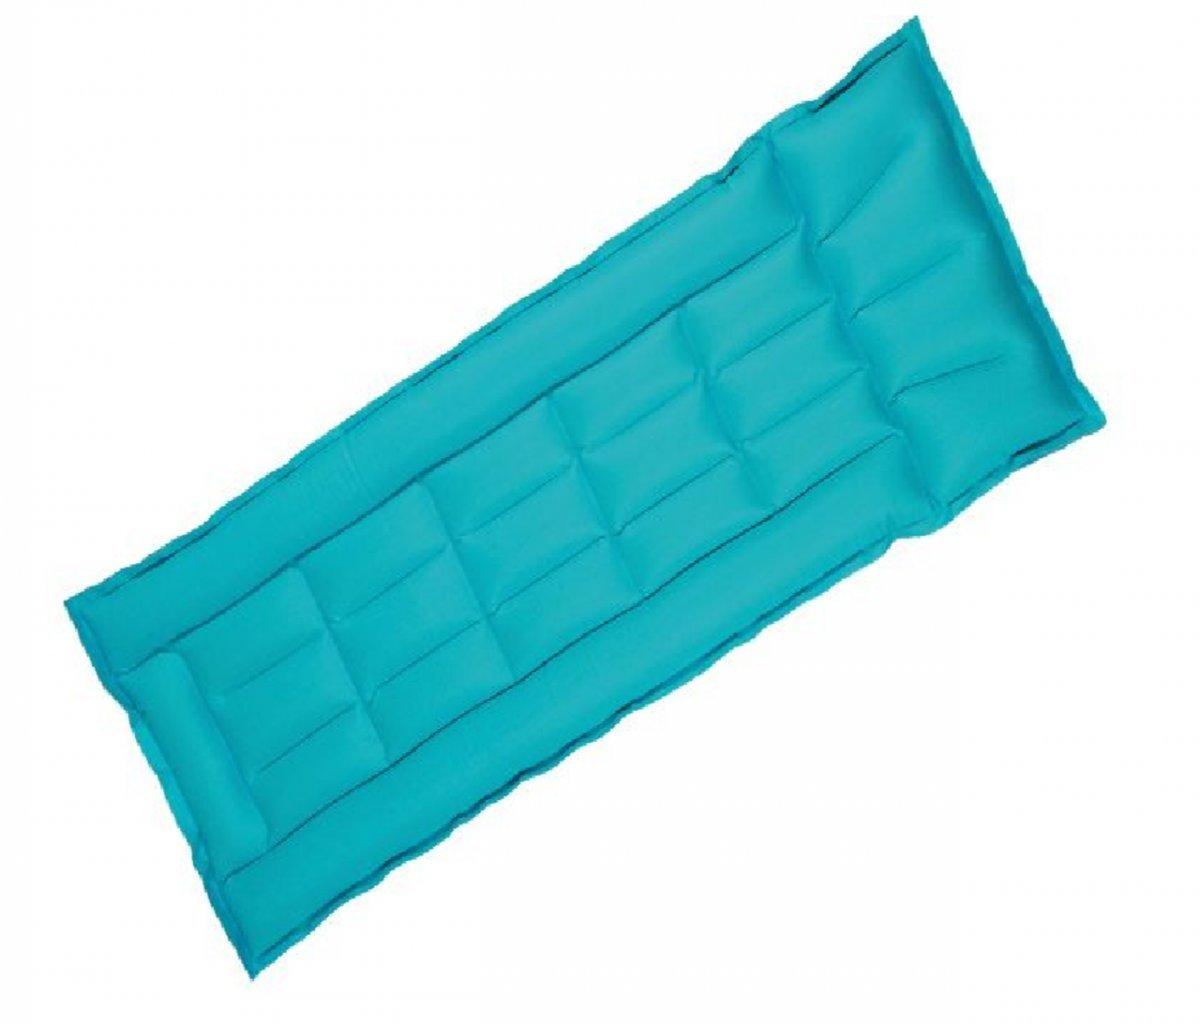 Dreams4Home Gewebeboxmatratze 'Uni' - Matratze, Gewebematraze, Liegematratze, Schwimmmatratze, aufblasbar, Outdoor, Freizeit, Schwimmbad, Meer, Strand, Größe: 198 x 75 x 6,5 cm, in blau / grün